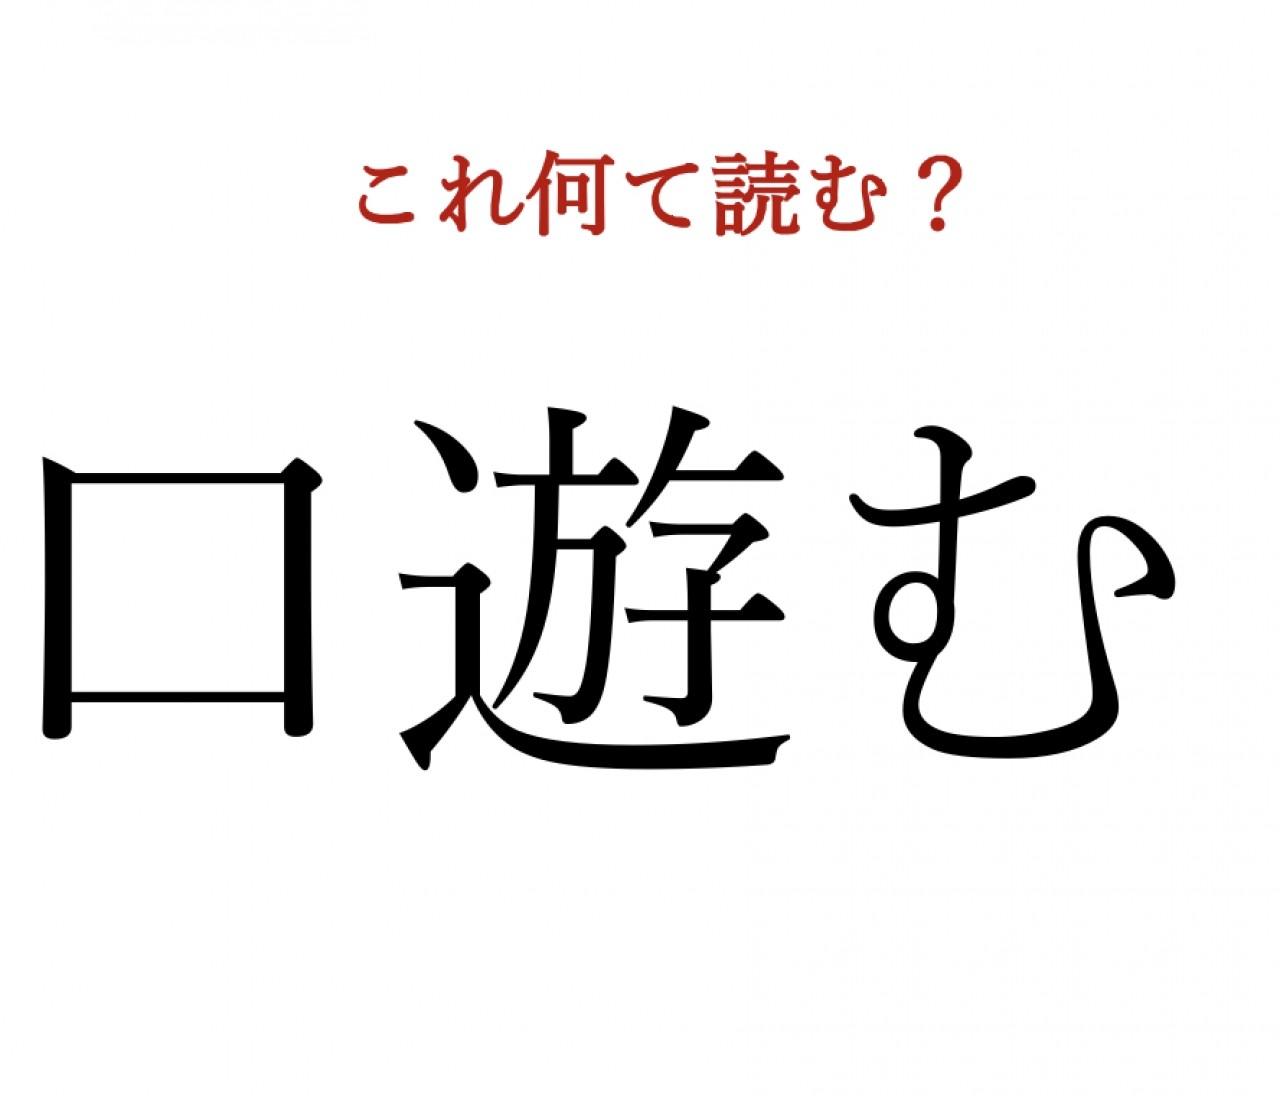 「口遊む」:この漢字、自信を持って読めますか?【働く大人の漢字クイズvol.13】